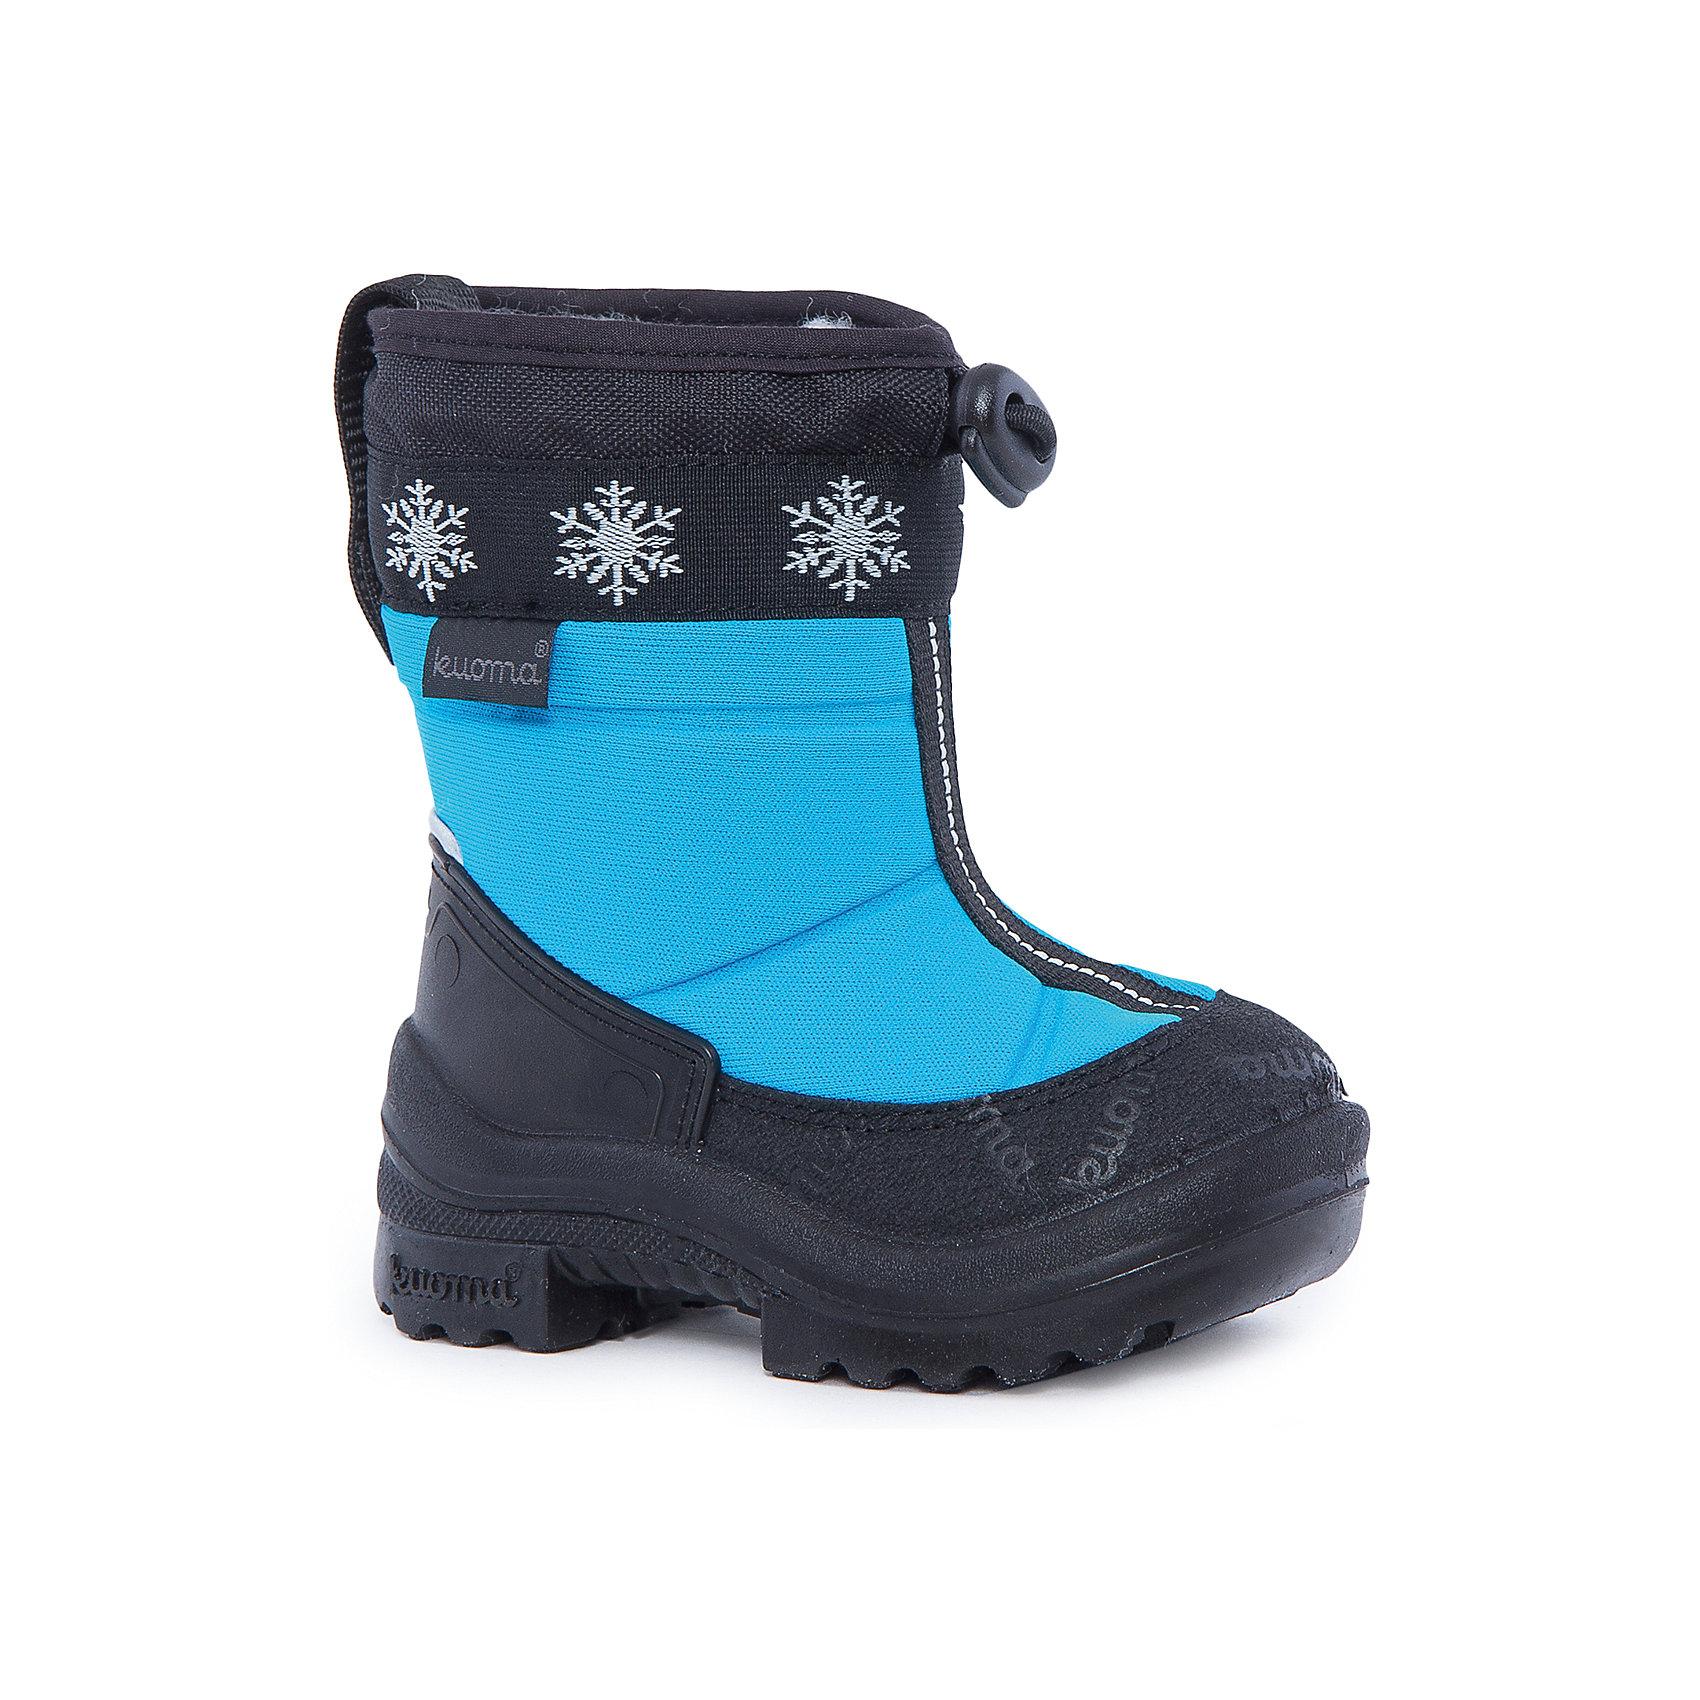 Cапоги Lumi Eskimo для мальчика KUOMAОбувь<br>Характеристики товара:<br><br>• цвет: голубой<br>• температурный режим: от -5° С до -30° С<br>• внешний материал: полиамид <br>• стелька: натуральная шерсть<br>• подошва: полиуретан<br>• светоотражающие детали<br>• амортизирующая износостойкая подошва<br>• сменная стелька<br>• верх  - с влагоотталкивающей обработкой<br>• страна бренда: Финляндия<br>• страна изготовитель: Финляндия<br><br>Во всех валенках Kuoma до 26 размера включительно утеплитель – натуральная шерсть, начиная с 27 размера – искусственный мех.<br><br>Стильные сапожки для ребенка от известного бренда детской обуви KUOMA (Куома) созданы специально для холодной погоды. Качественные материалы с пропиткой против грязи и воды и модный дизайн понравятся и малышам и их родителям. Подошва и стелька обеспечат ребенку комфорт, сухость и тепло, позволяя в полной мере наслаждаться зимним отдыхом. Усиленная защита пятки и носка обеспечивает дополнительную безопасность детских ног в этих сапожках.<br>Эта красивая и удобная обувь прослужит долго благодаря известному качеству финских товаров. Производитель предусмотрел даже светоотражающие детали и амортизирующие свойства подошвы! Модель производится из качественных и проверенных материалов, которые безопасны для детей.<br><br>Зимние сапоги для мальчика от бренда KUOMA (Куома) можно купить в нашем интернет-магазине.<br><br>Ширина мм: 257<br>Глубина мм: 180<br>Высота мм: 130<br>Вес г: 420<br>Цвет: голубой<br>Возраст от месяцев: 60<br>Возраст до месяцев: 72<br>Пол: Мужской<br>Возраст: Детский<br>Размер: 29,22,30,31,22,23,25,26,27,28,24<br>SKU: 5004222